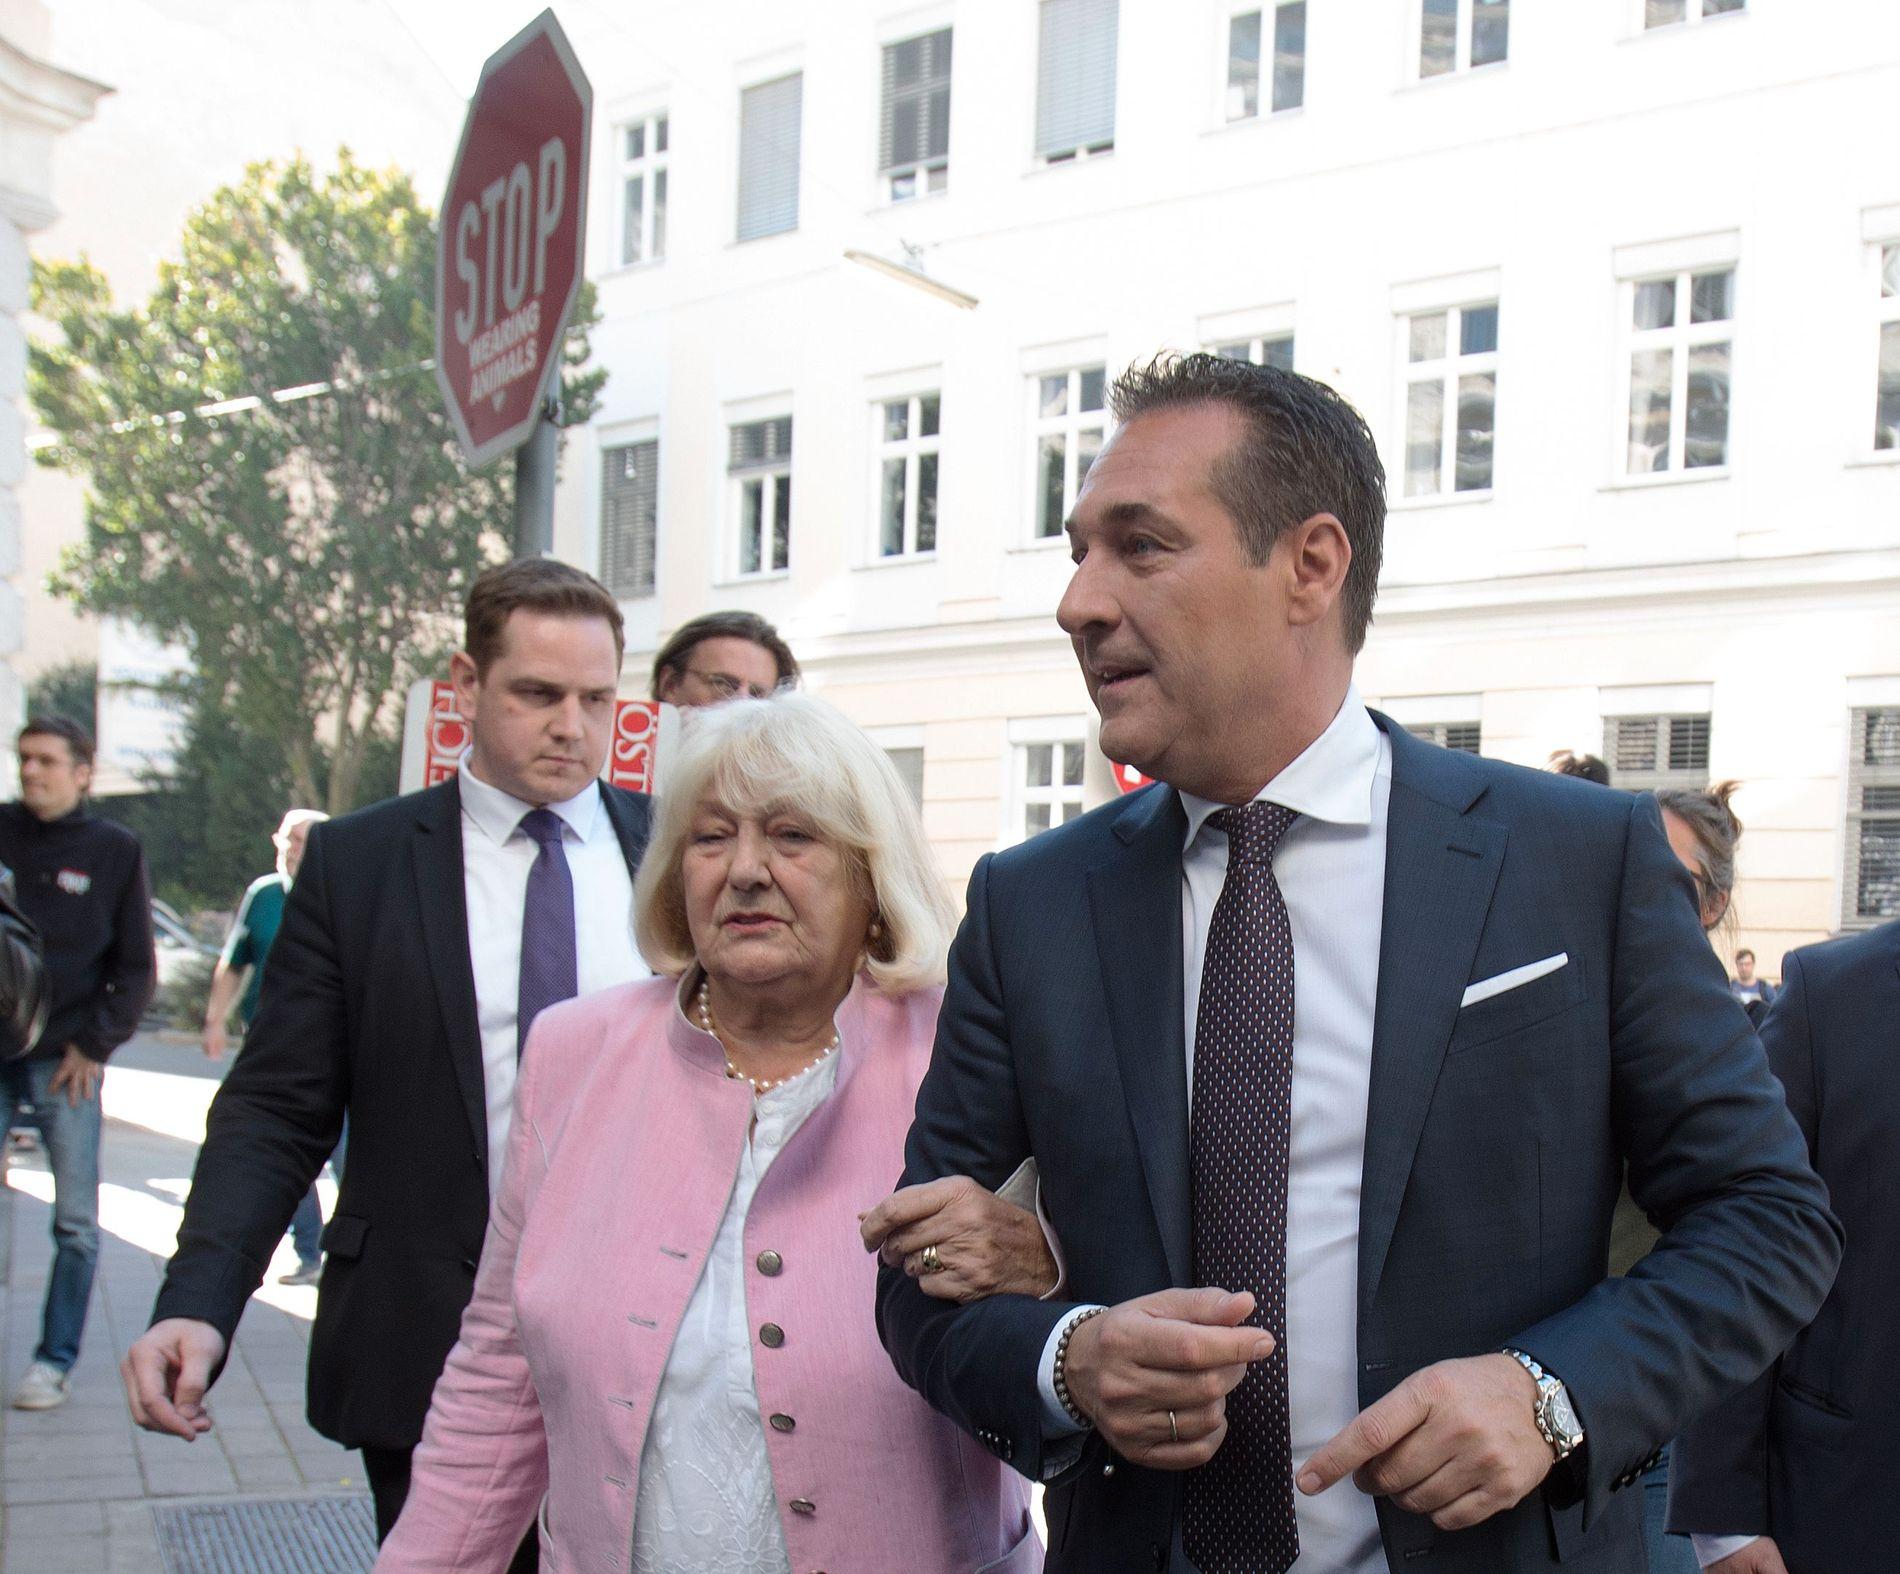 SØKER REGJERINGSMAKT: Heinz-Christian Strache, leder av det ytre høyrepartiet Frihetspartiet, stemte under søndagens valg med sin mor Marion Strache i Wien.